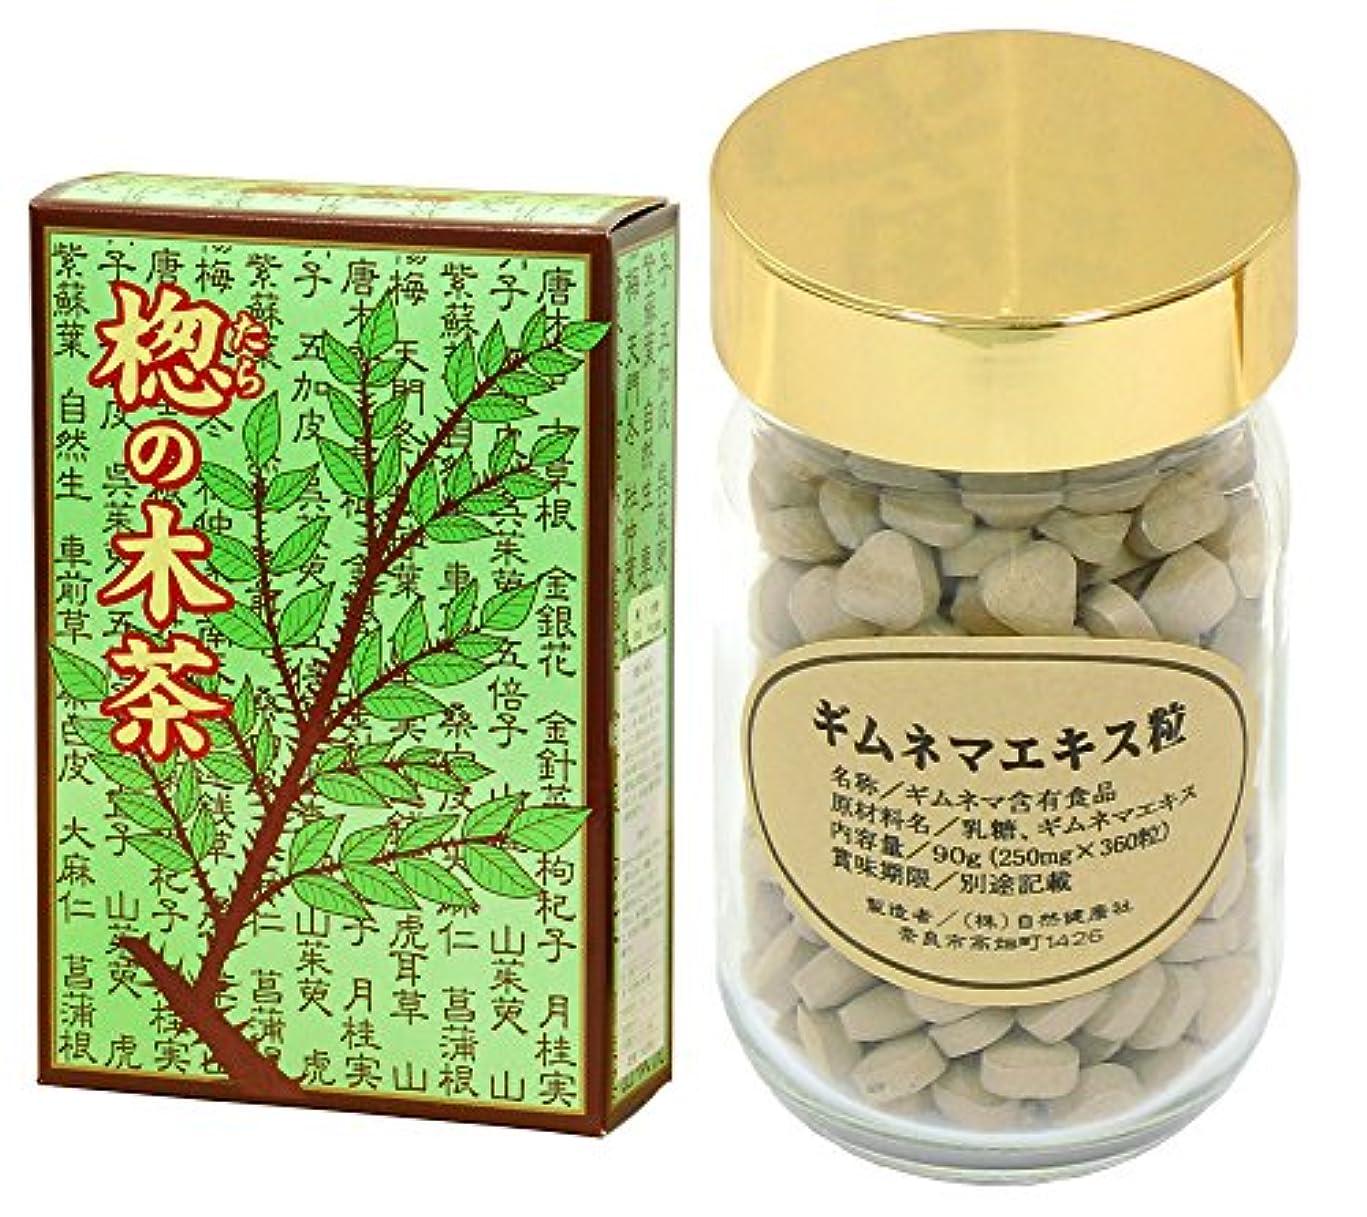 呼び出すスクレーパーコマース自然健康社 国産タラノキ茶 30パック + ギムネマエキス粒 90g